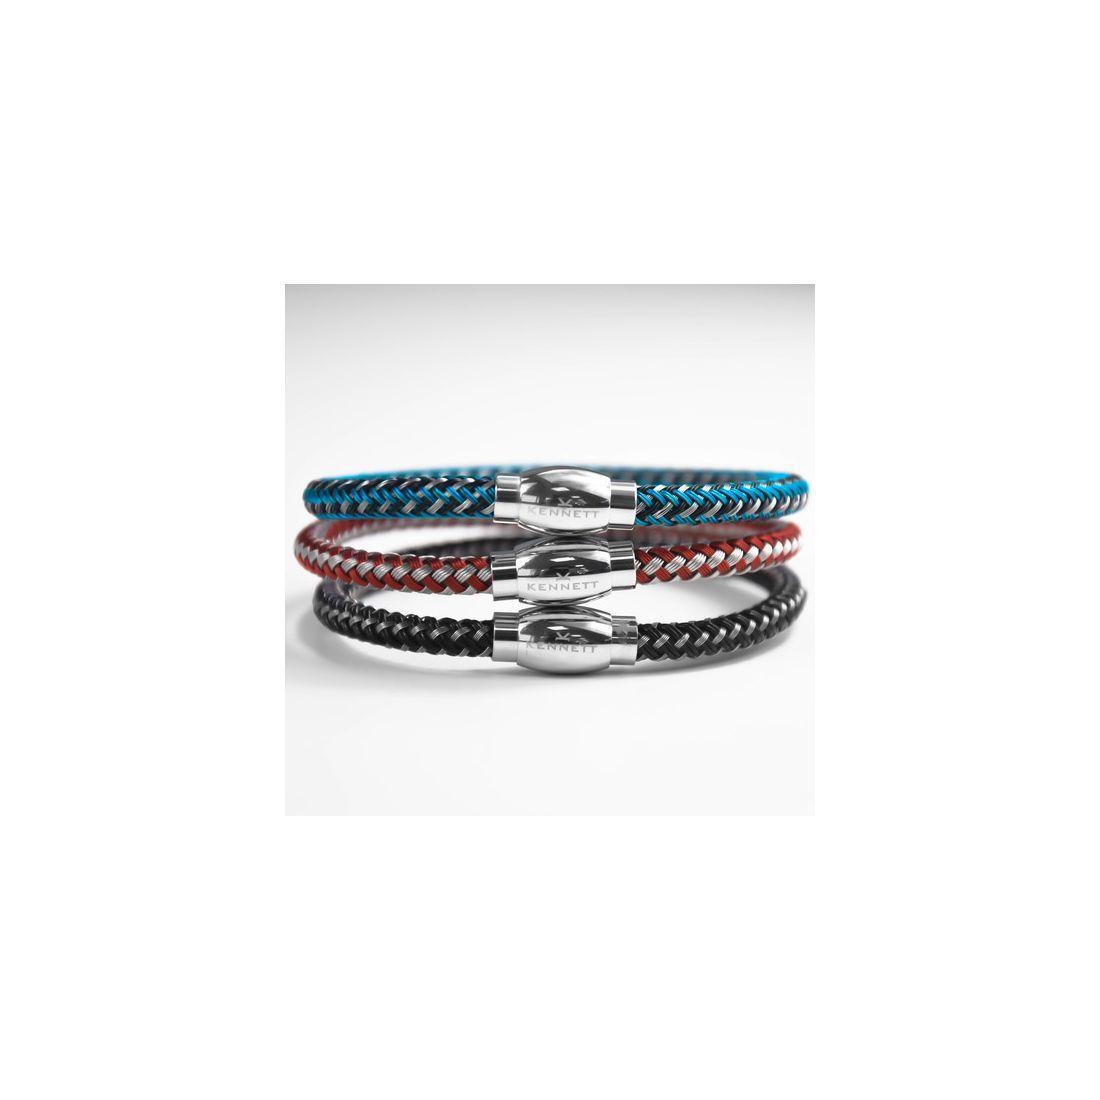 bracelet kennett maille bleu et noir. Black Bedroom Furniture Sets. Home Design Ideas